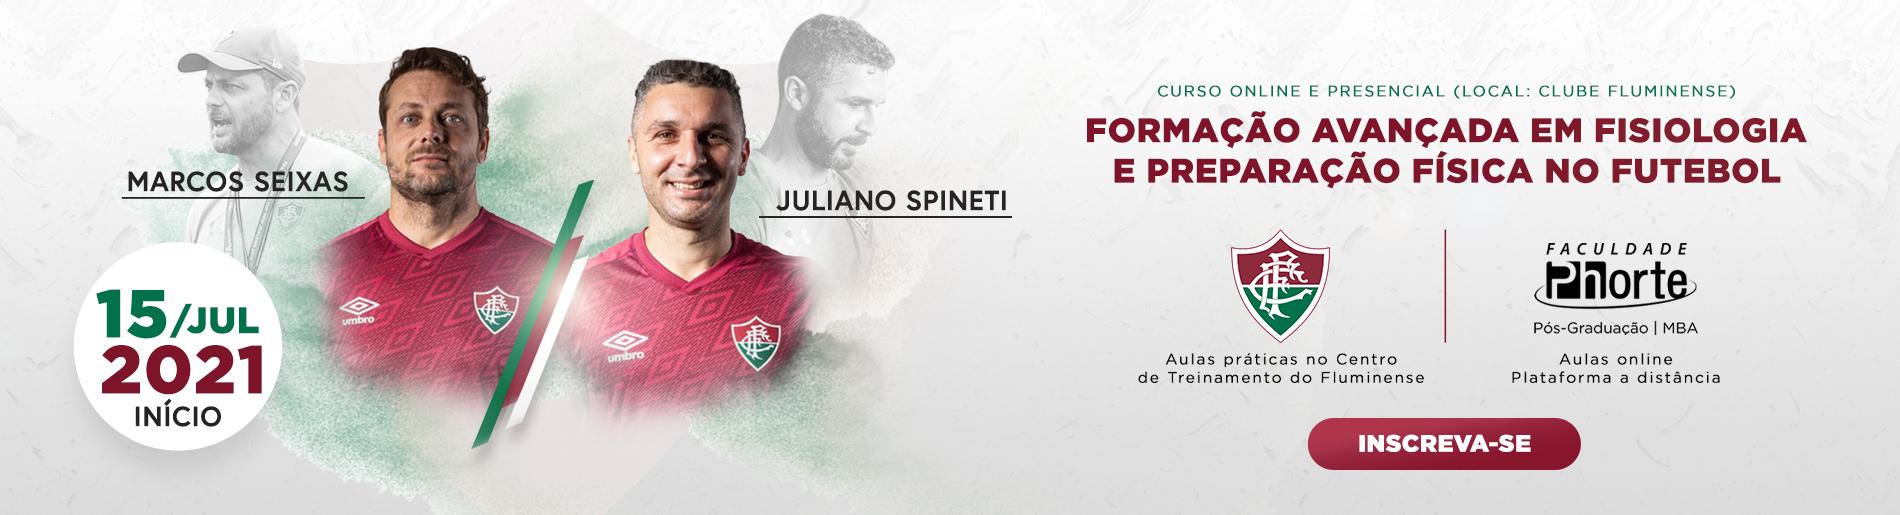 formação avançada em fisiologia e preparação física no futebol